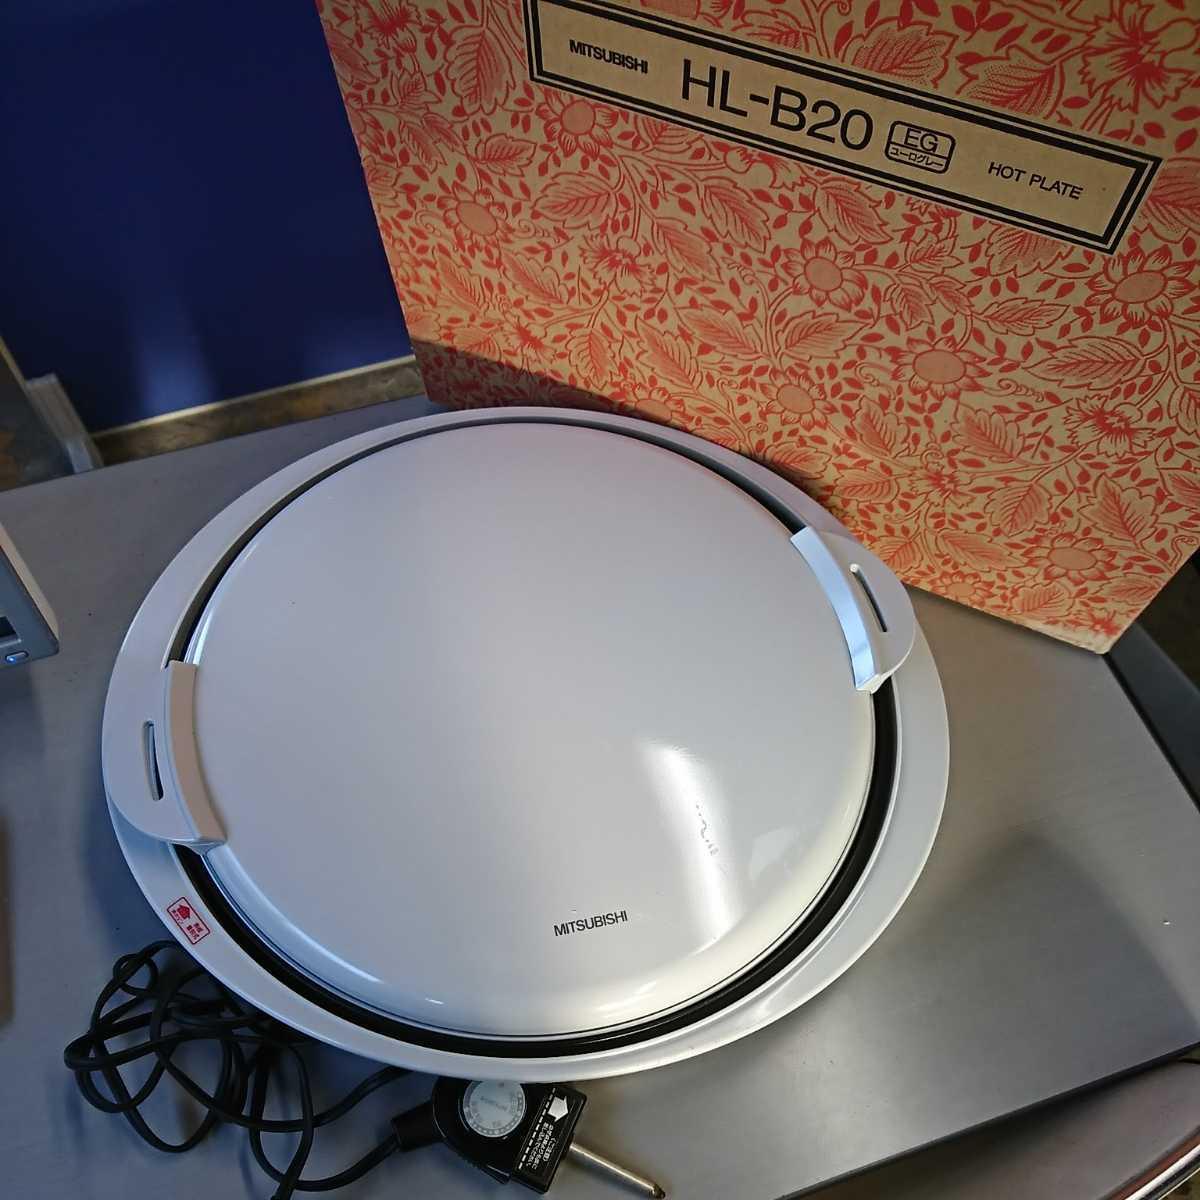 家電3】MITSUBISHI 三菱 ホットプレート HL-B20 EG ユーログレー グレー 調理器具 【通電確認済】お好み焼き 焼肉 焼物 焼そば_画像1